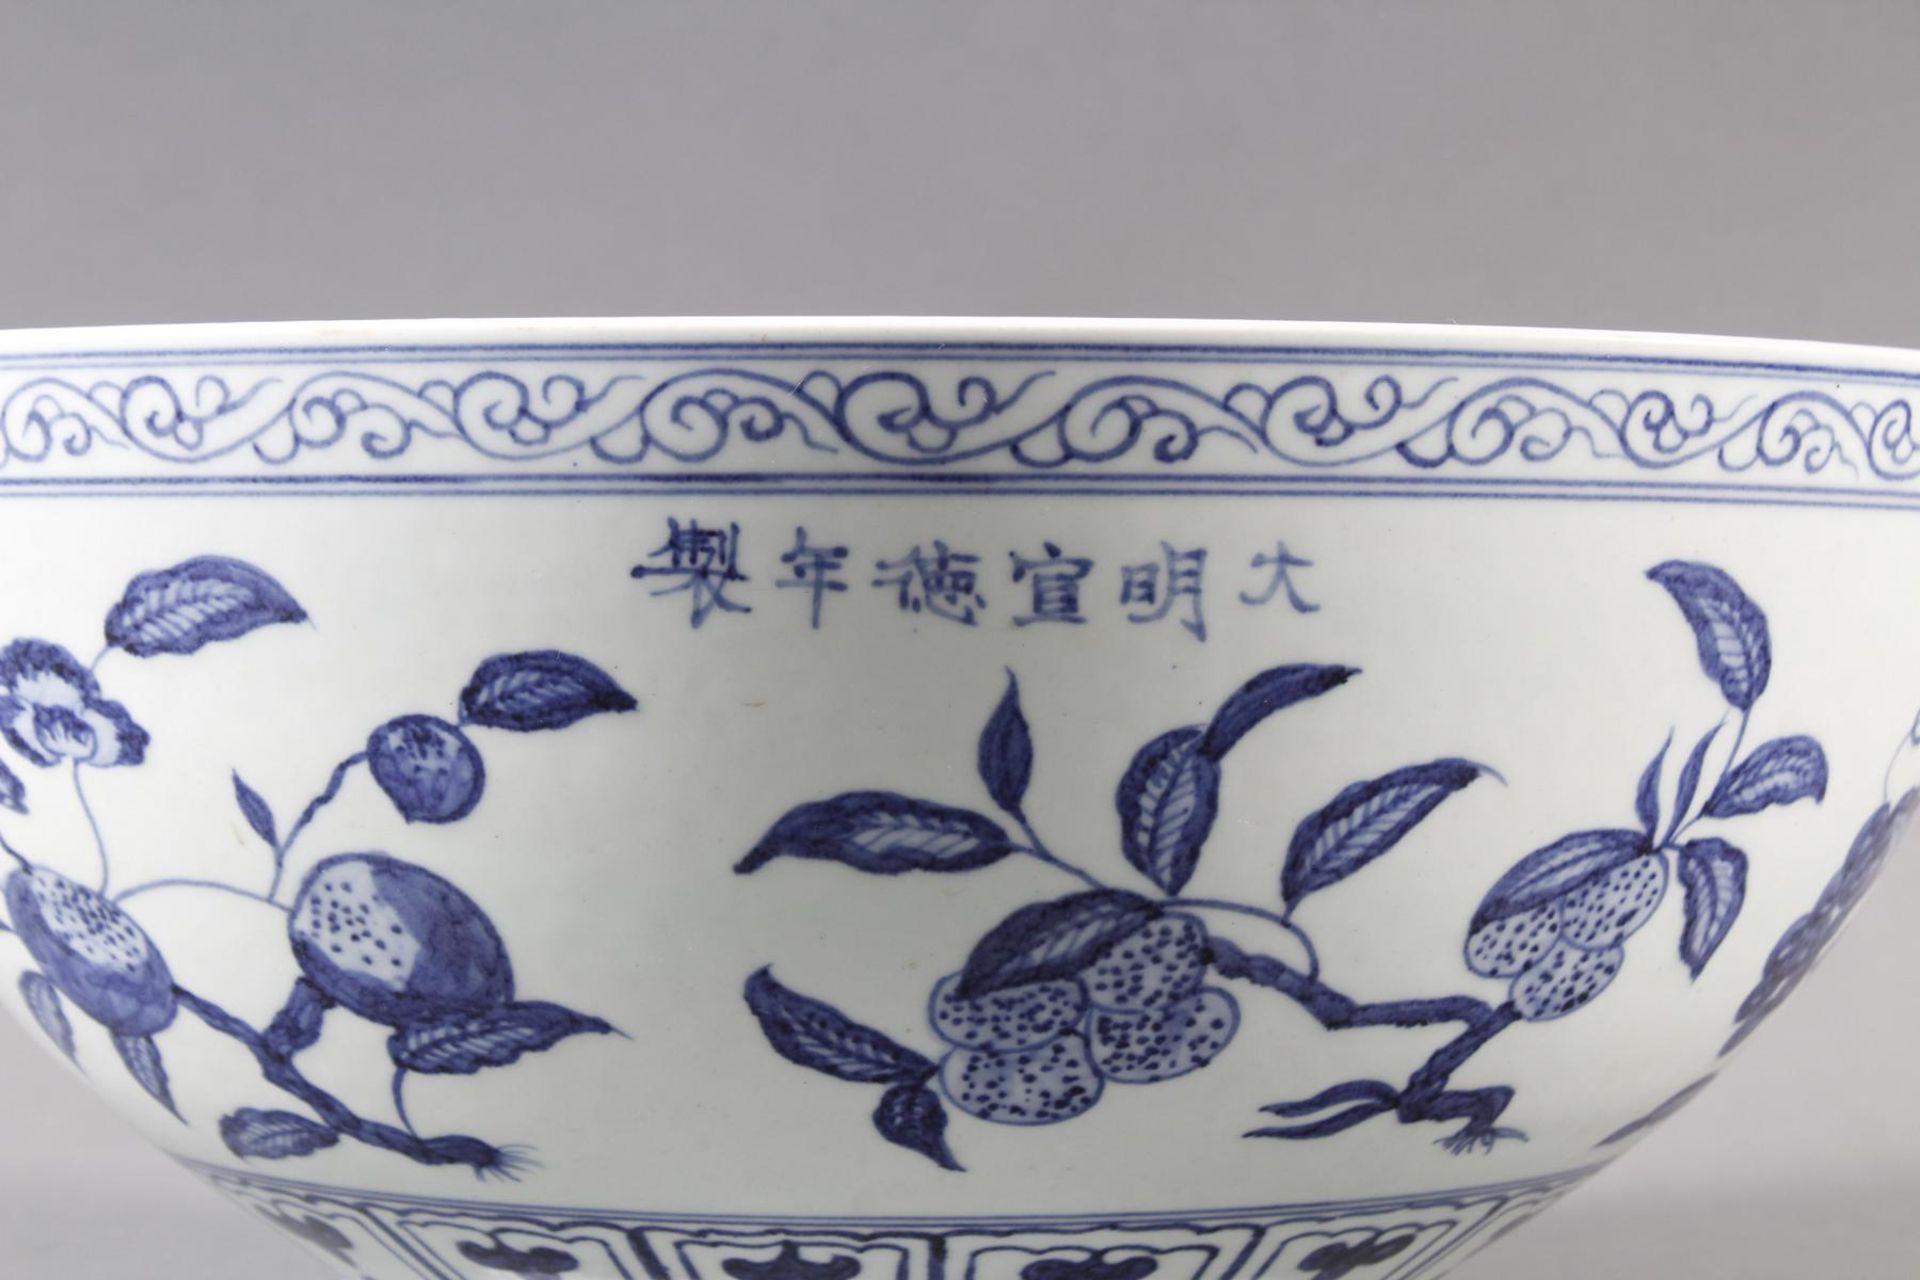 Große Porzellanschüssel, China, Hsüan-tê Marke - Bild 5 aus 17